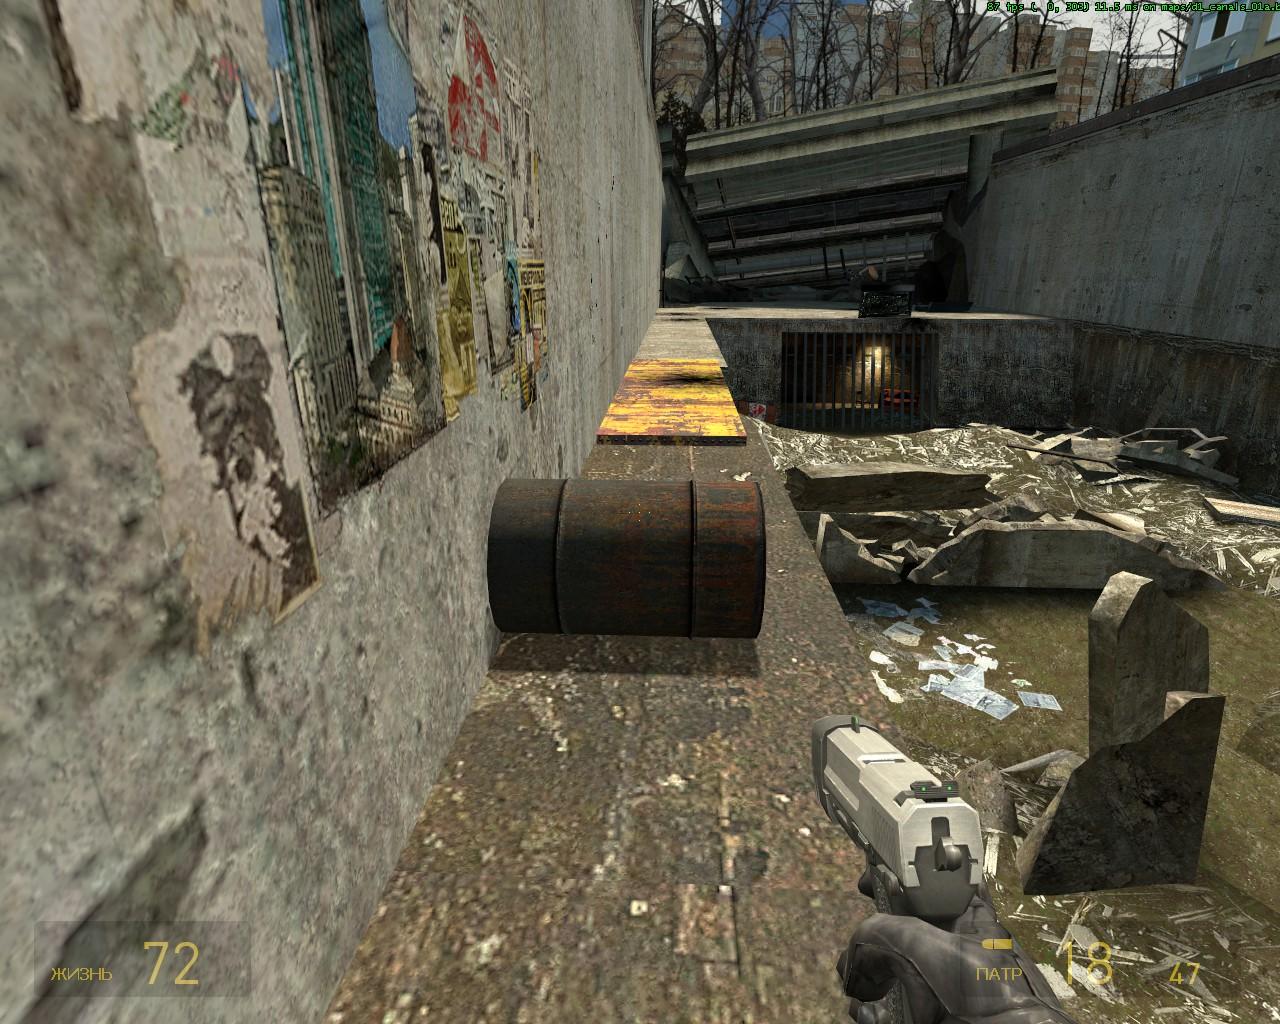 d1_canals_01a0008.jpg - Half-Life 2